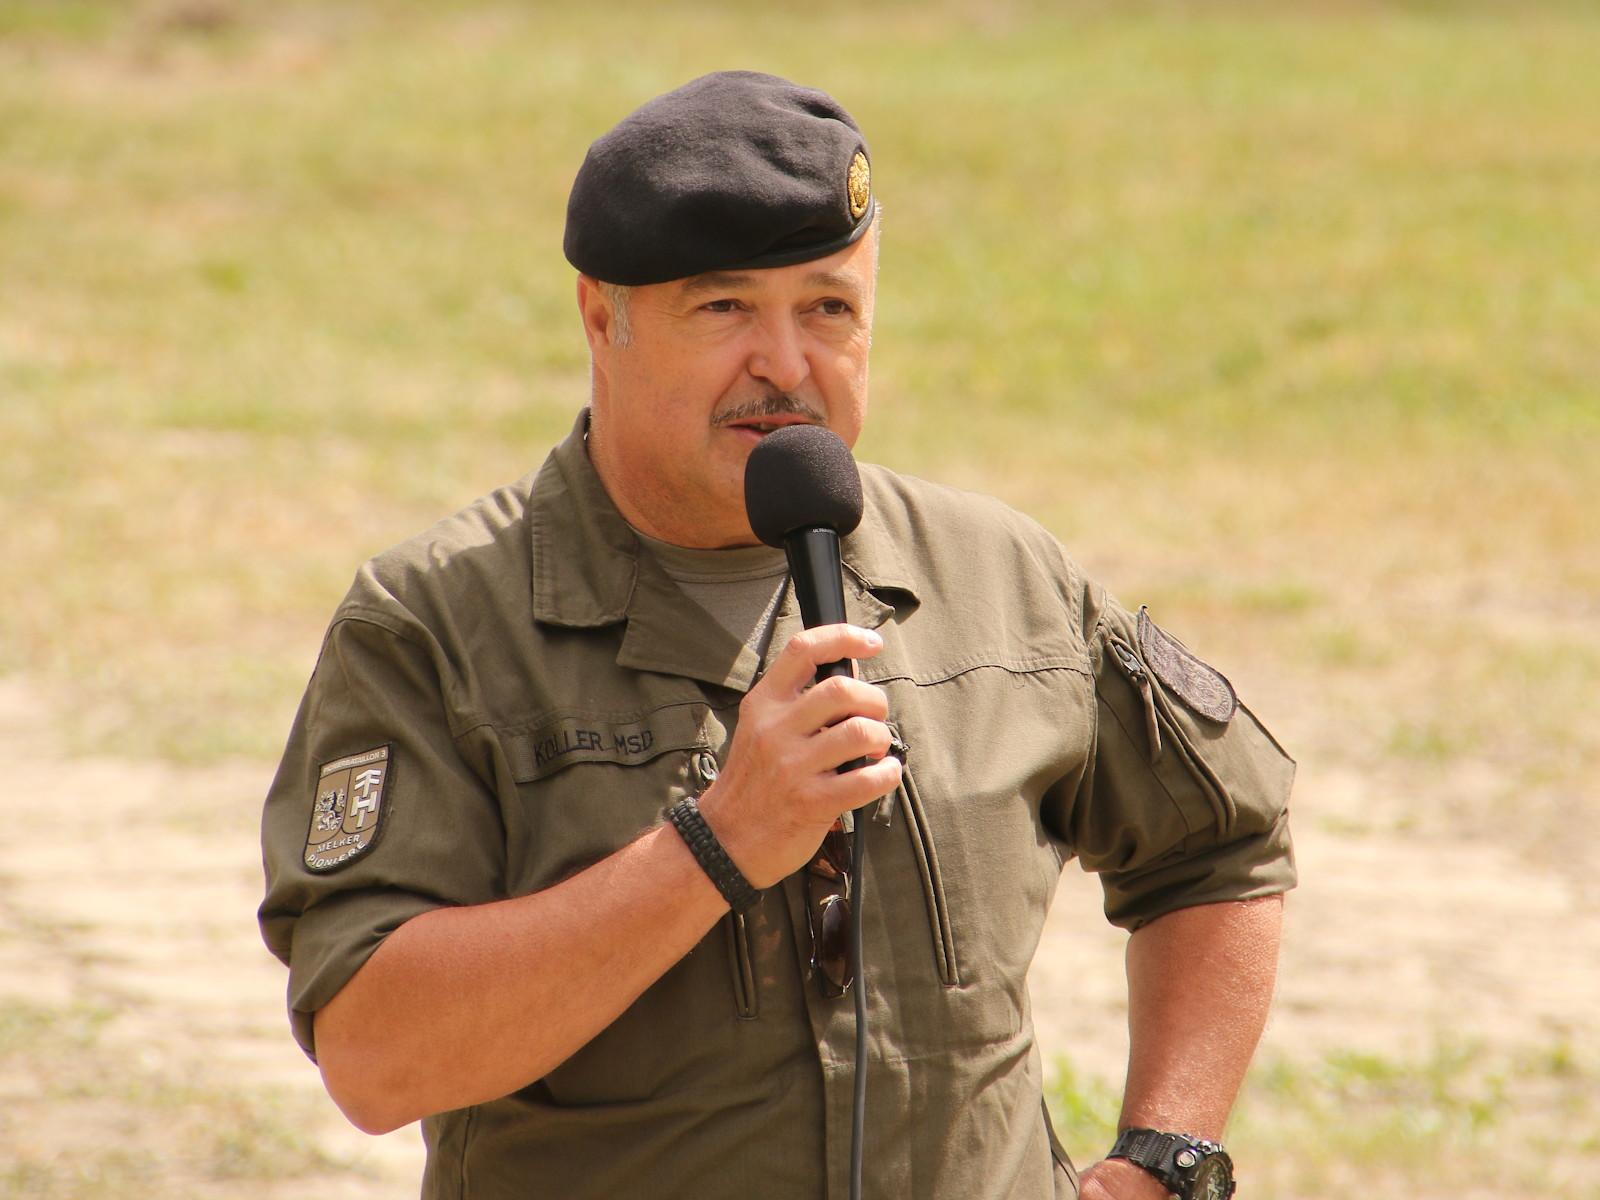 Oberst Reinhard Koller, Kommandant des Pionierbataillons 3, bei der Begrüßung © Doppeladler.com